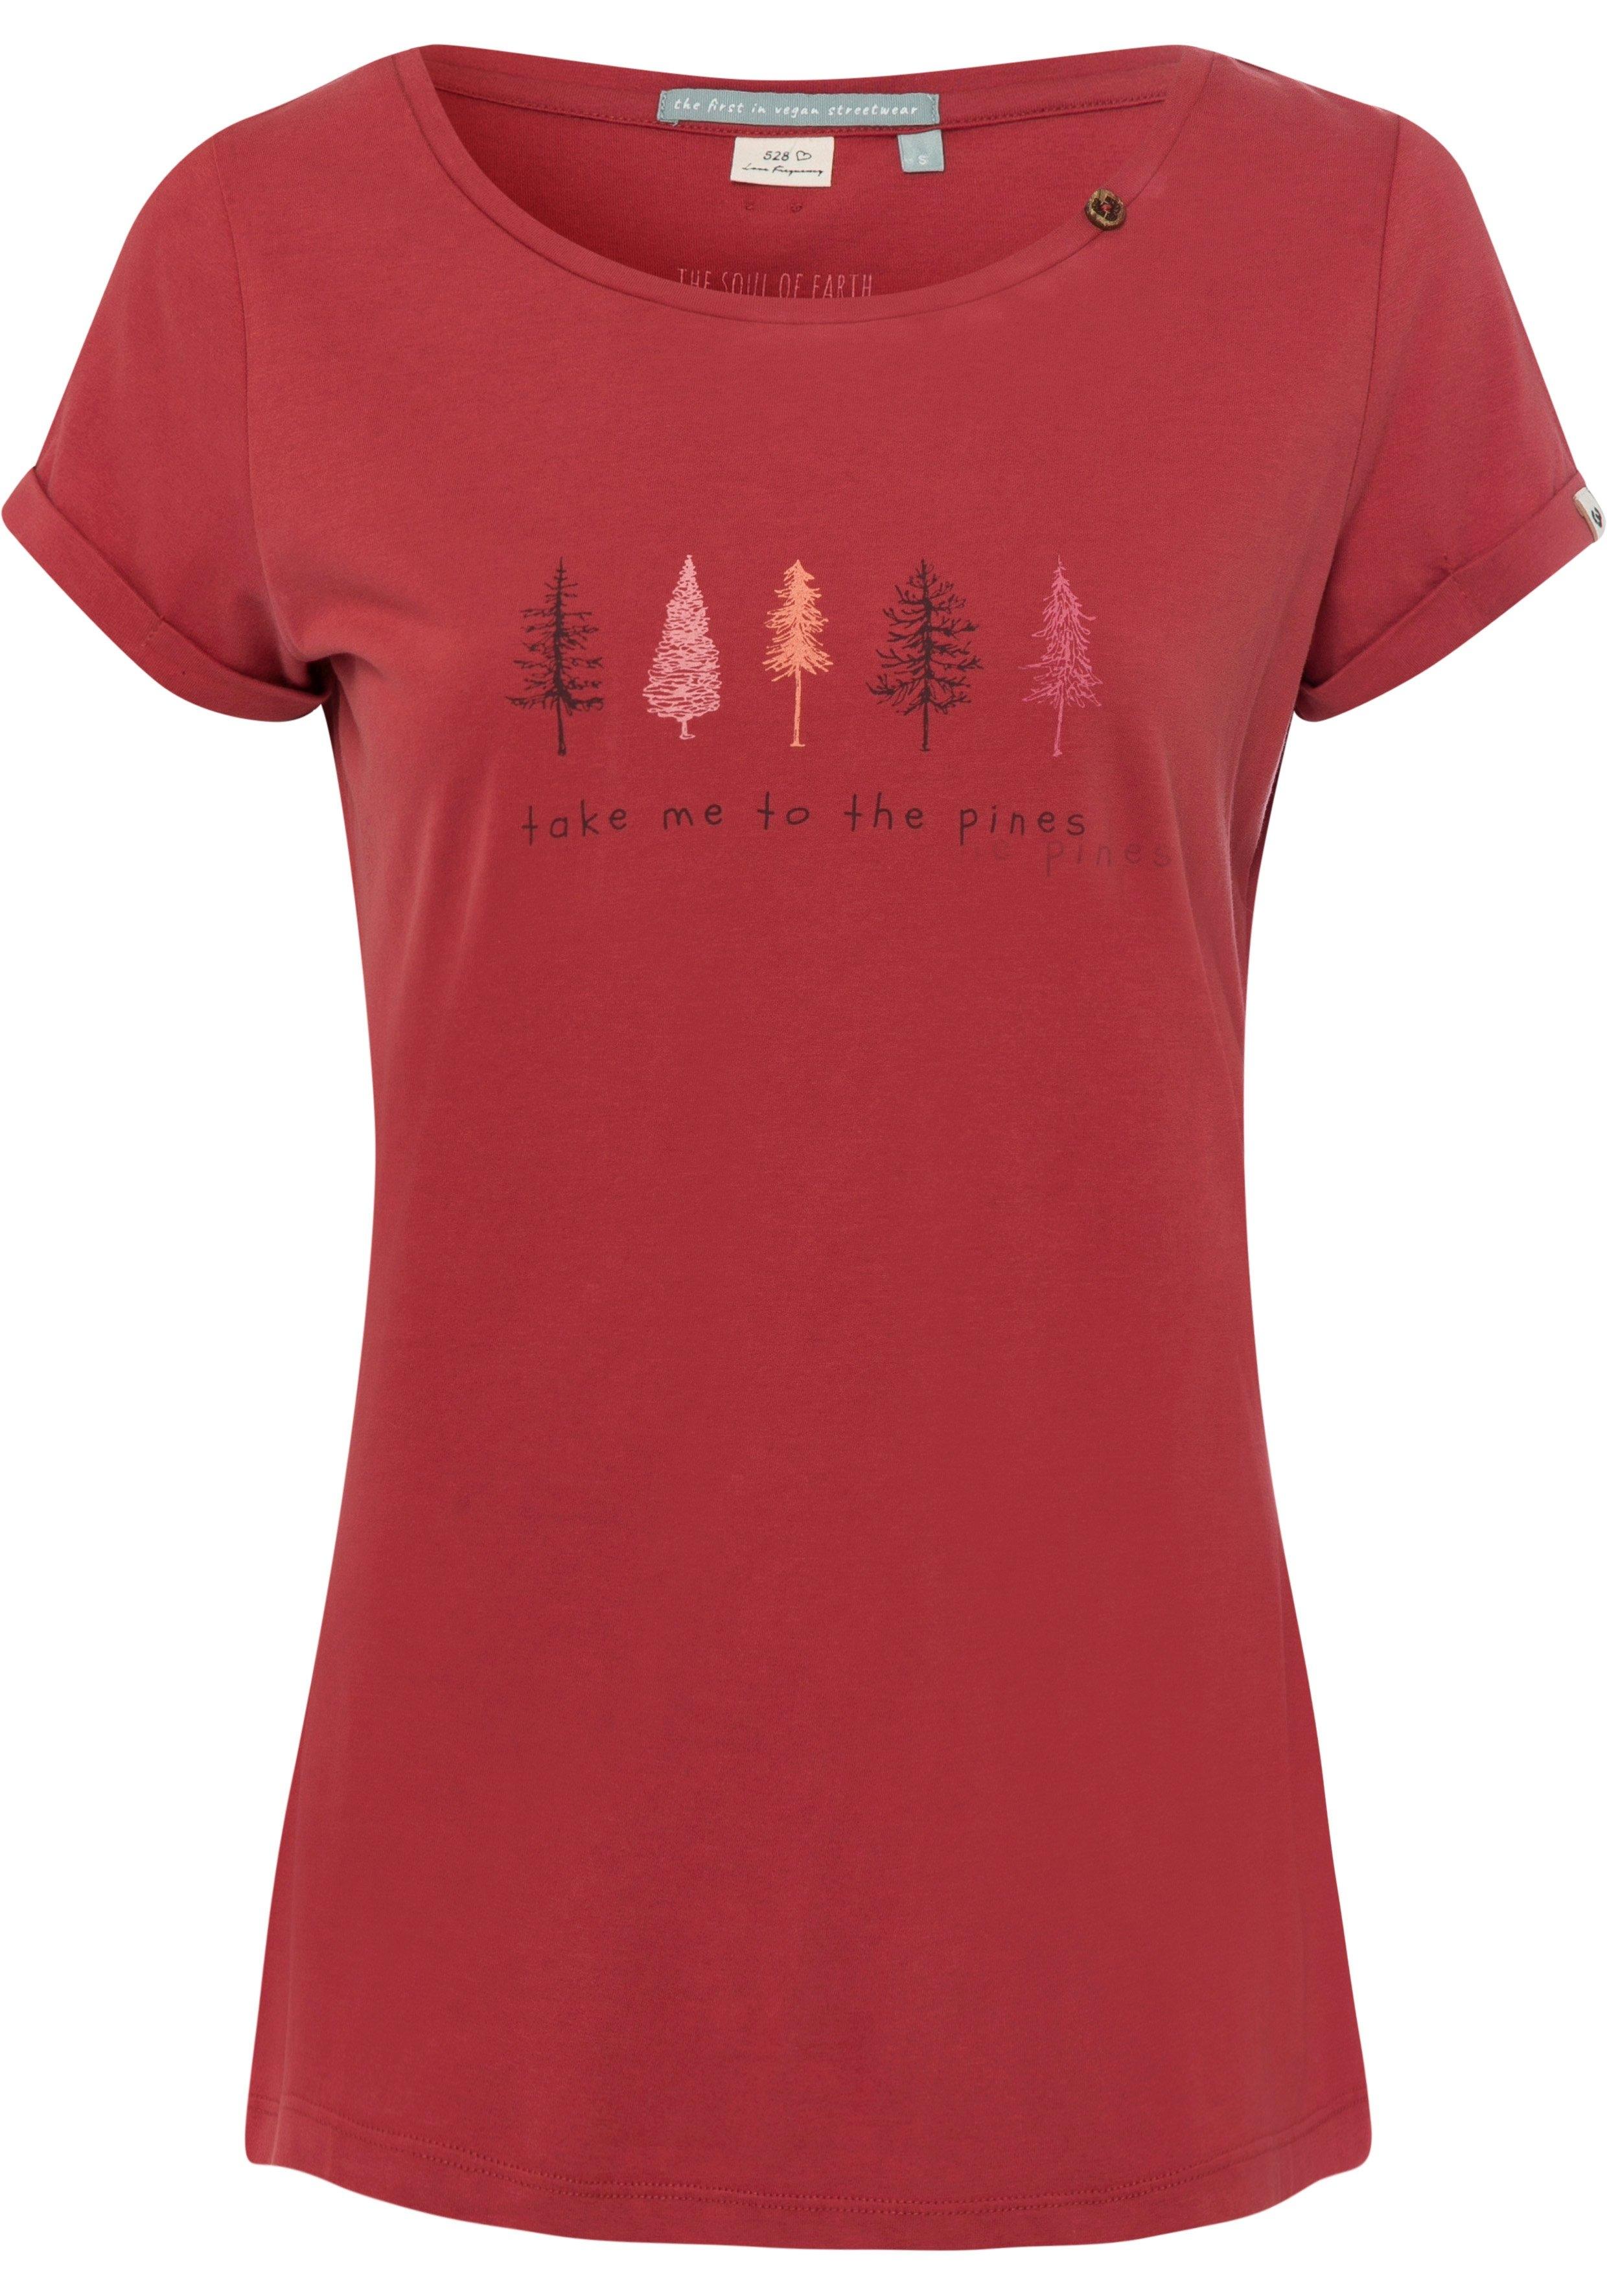 Ragwear T-shirt FLORAH PRINT B ORGANIC met opschrift voordelig en veilig online kopen